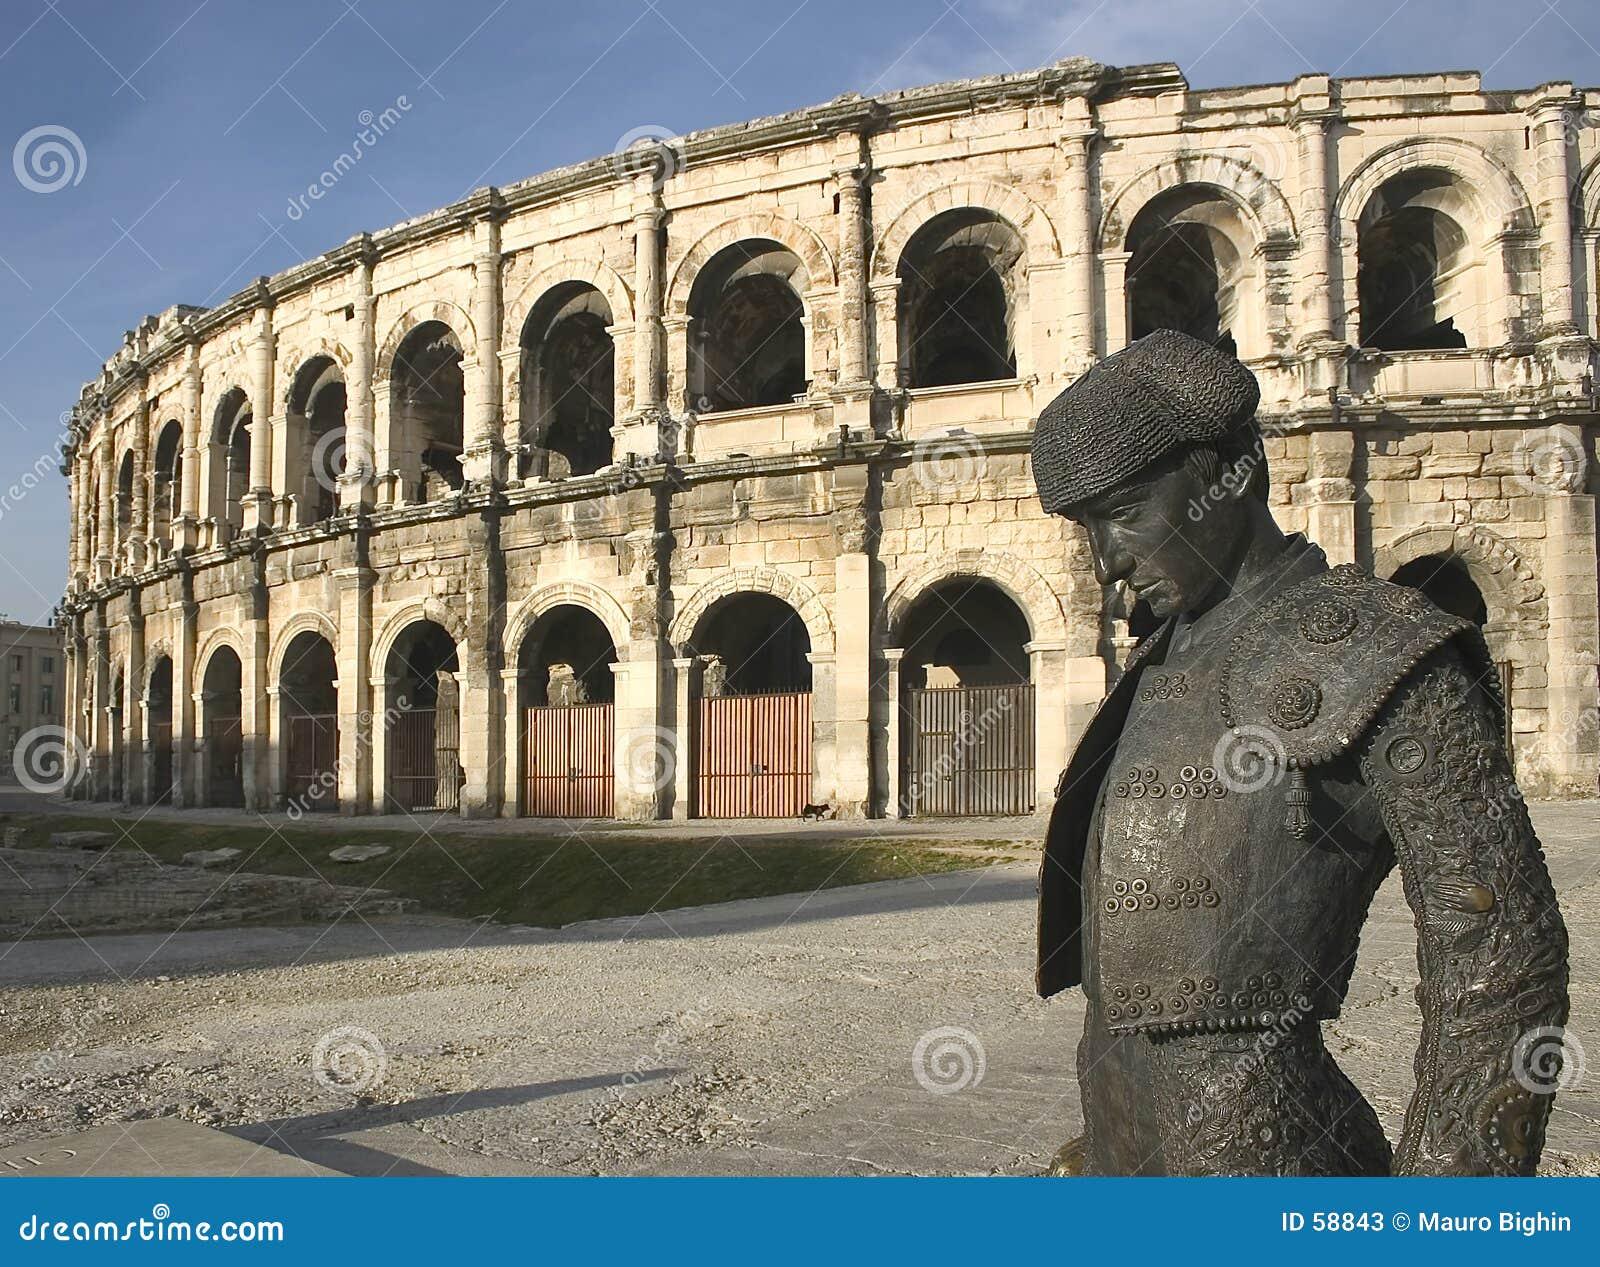 Arena romana di Nîmes (Nimes), Francia, Europa